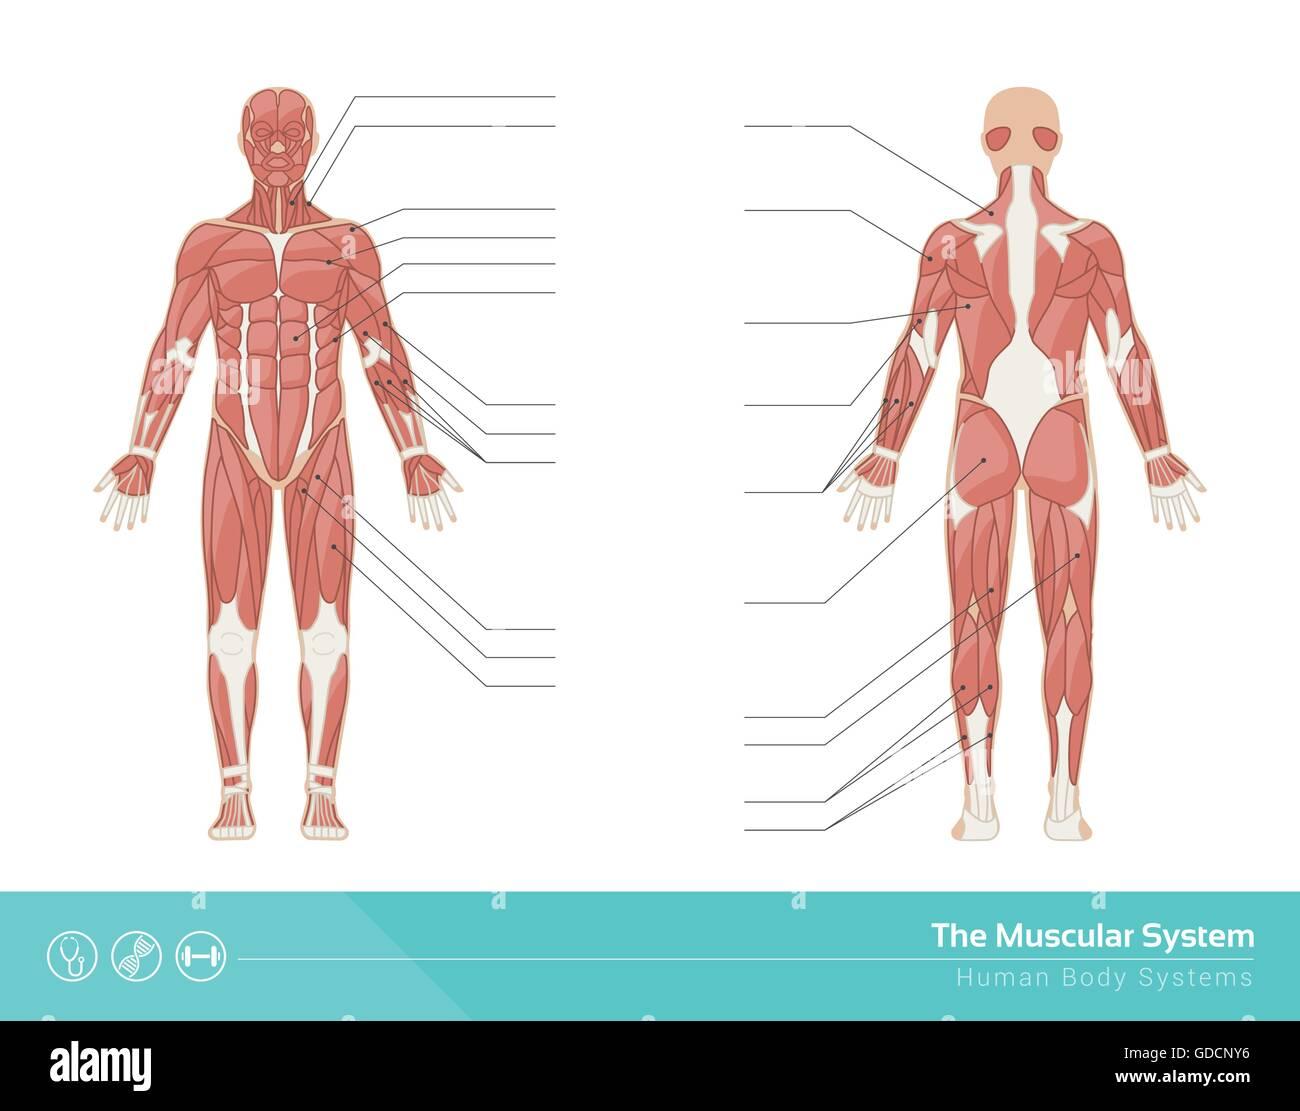 El sistema muscular humano ilustración vectorial, vista frontal y trasera Imagen De Stock